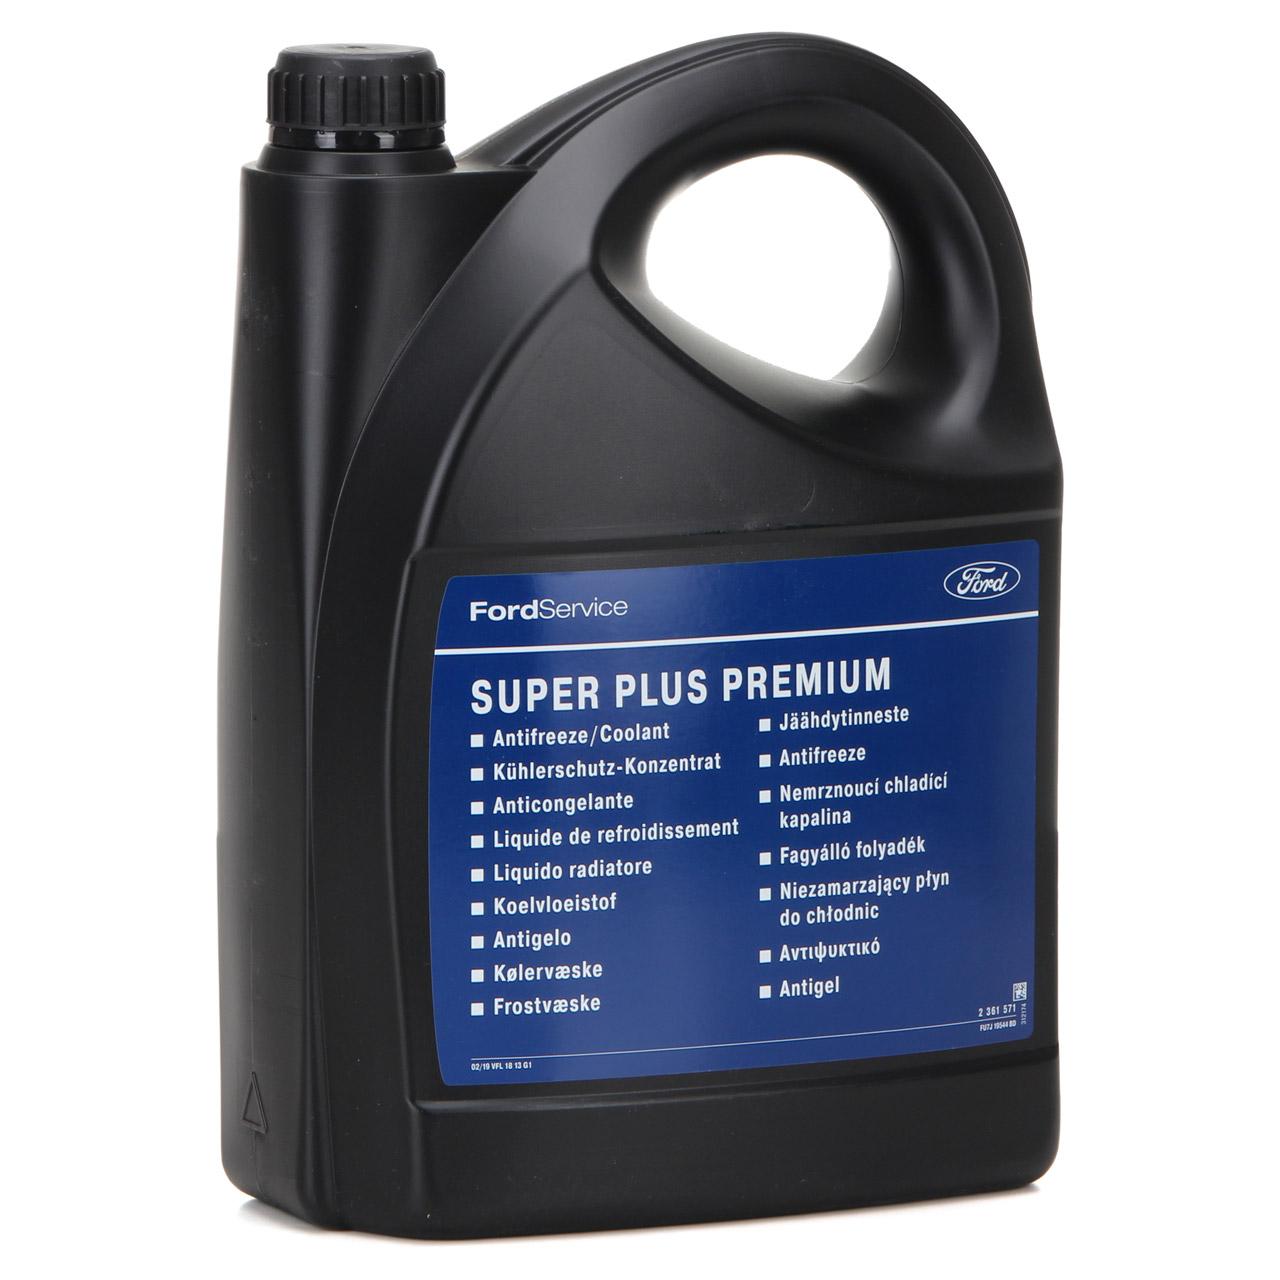 ORIGINAL Ford Kühlerfrostschutz Kühlkonzentrat SUPER PLUS PREMIUM 2361571 - 5L